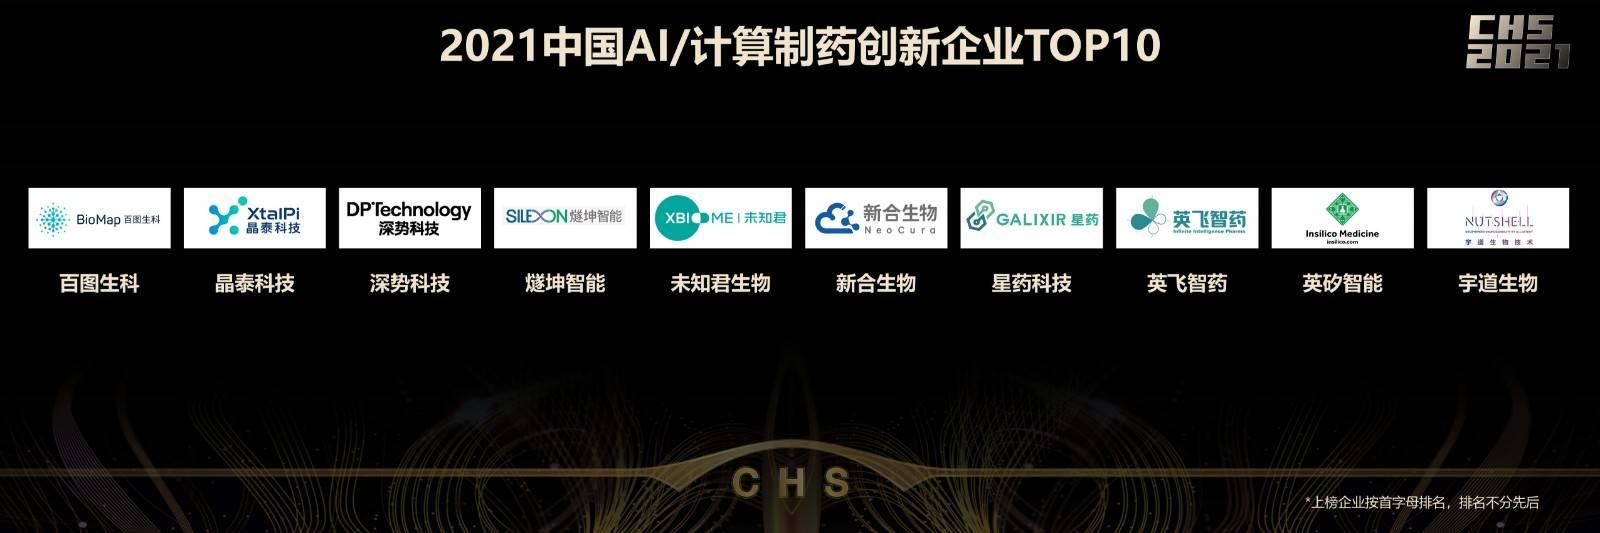 2021中国AI/计算创新企业TOP10